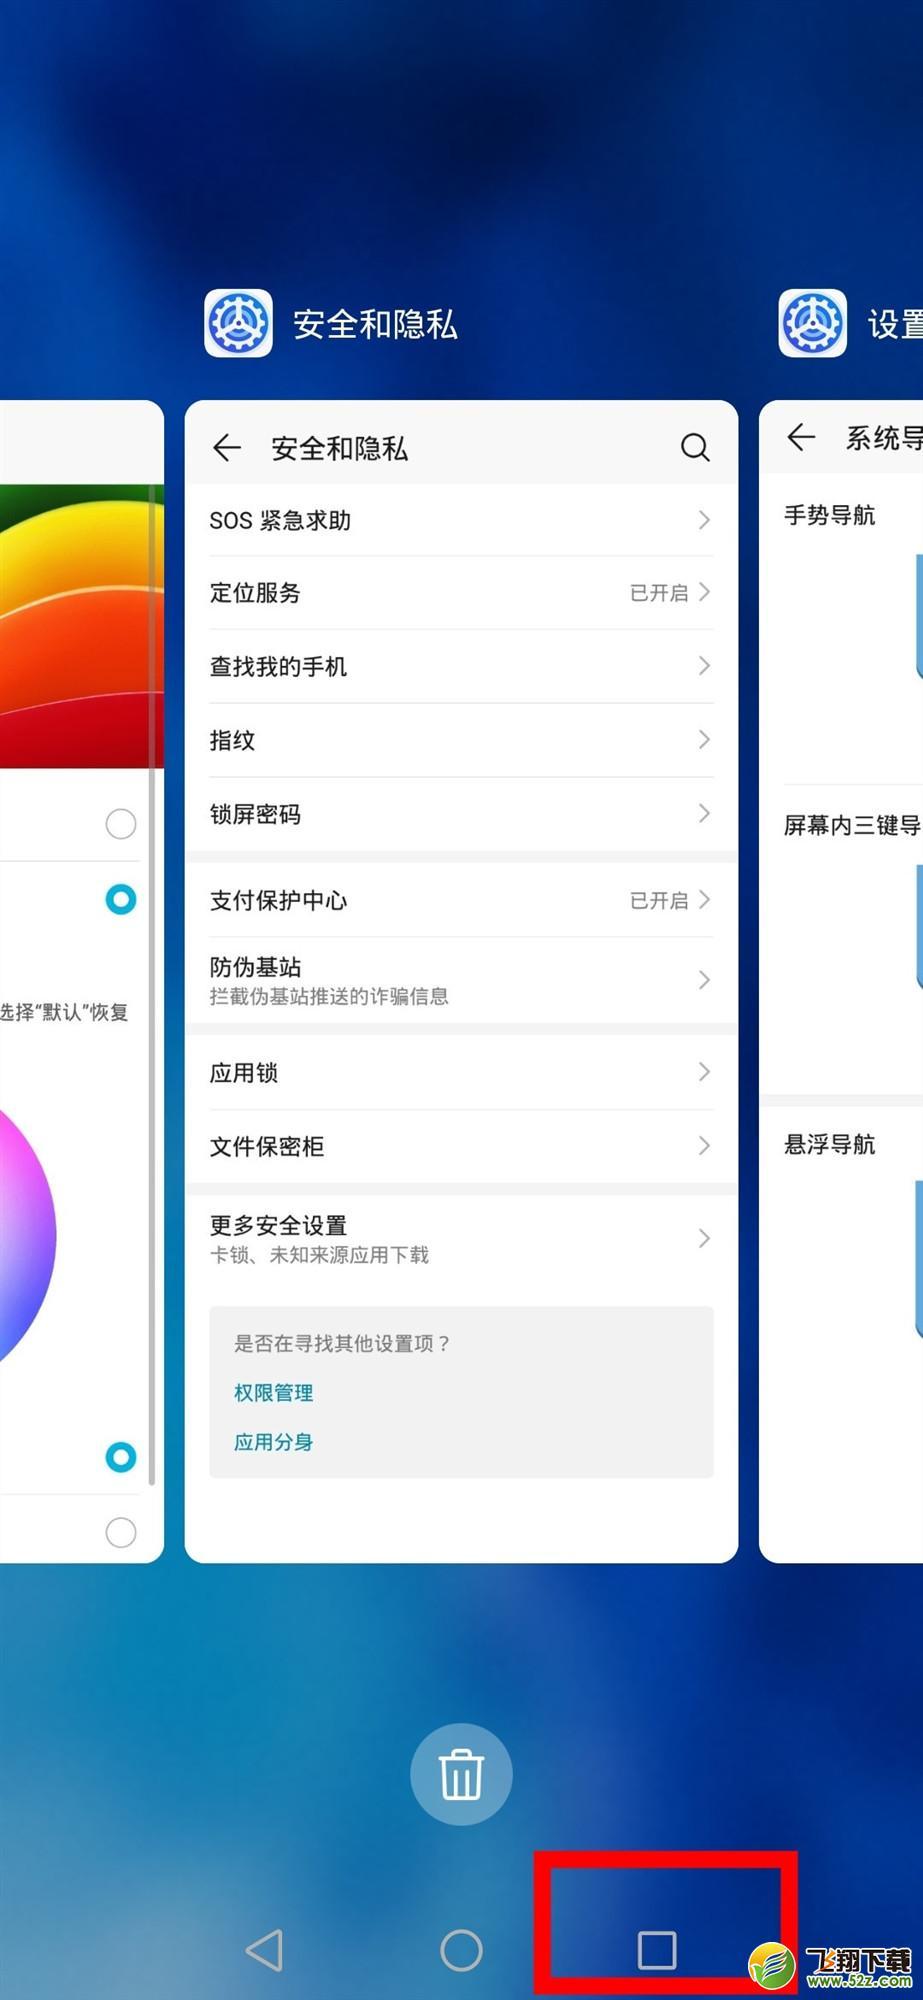 华为mate30pro手机关闭后台应用方法教程_52z.com